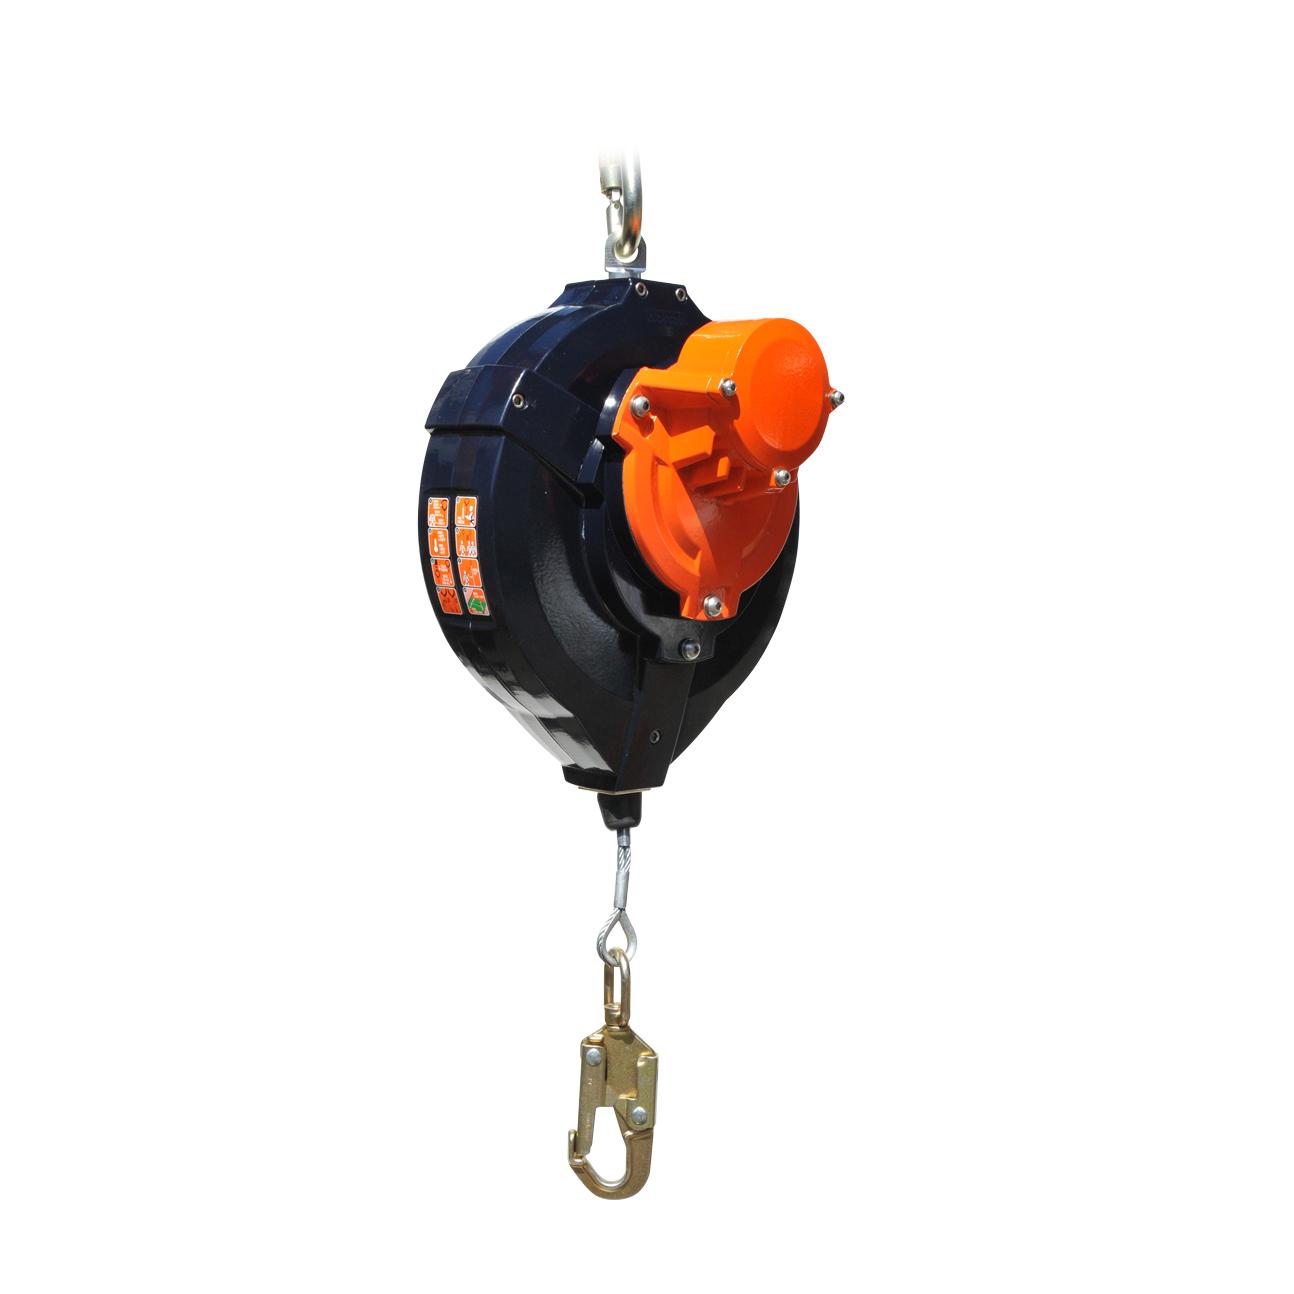 HONOR Evacuatie toestel PED33 PED15 Automatisch afdaaltoestel-voor-zelfredding tot 15 meter hoogte